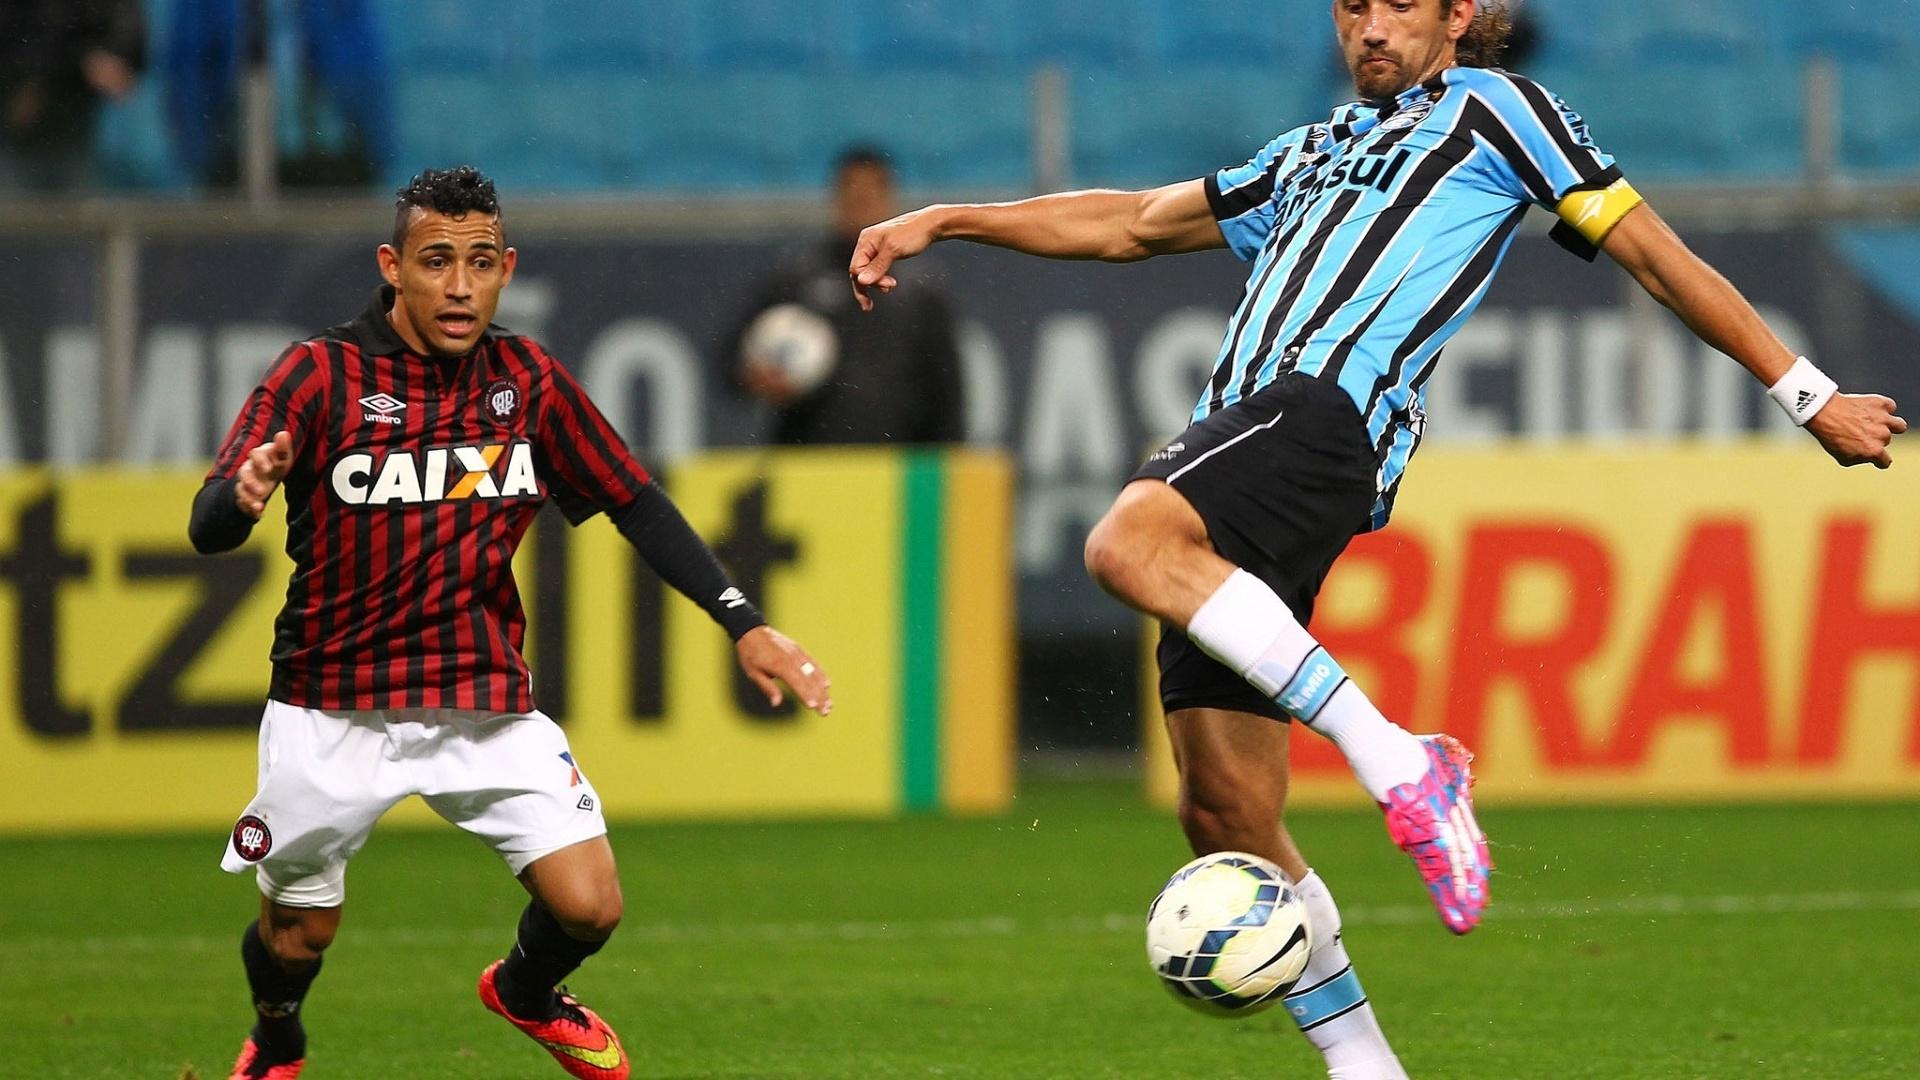 Barcos tenta finalização no jogo entre Grêmio e Atlético-PR pelo Brasileirão